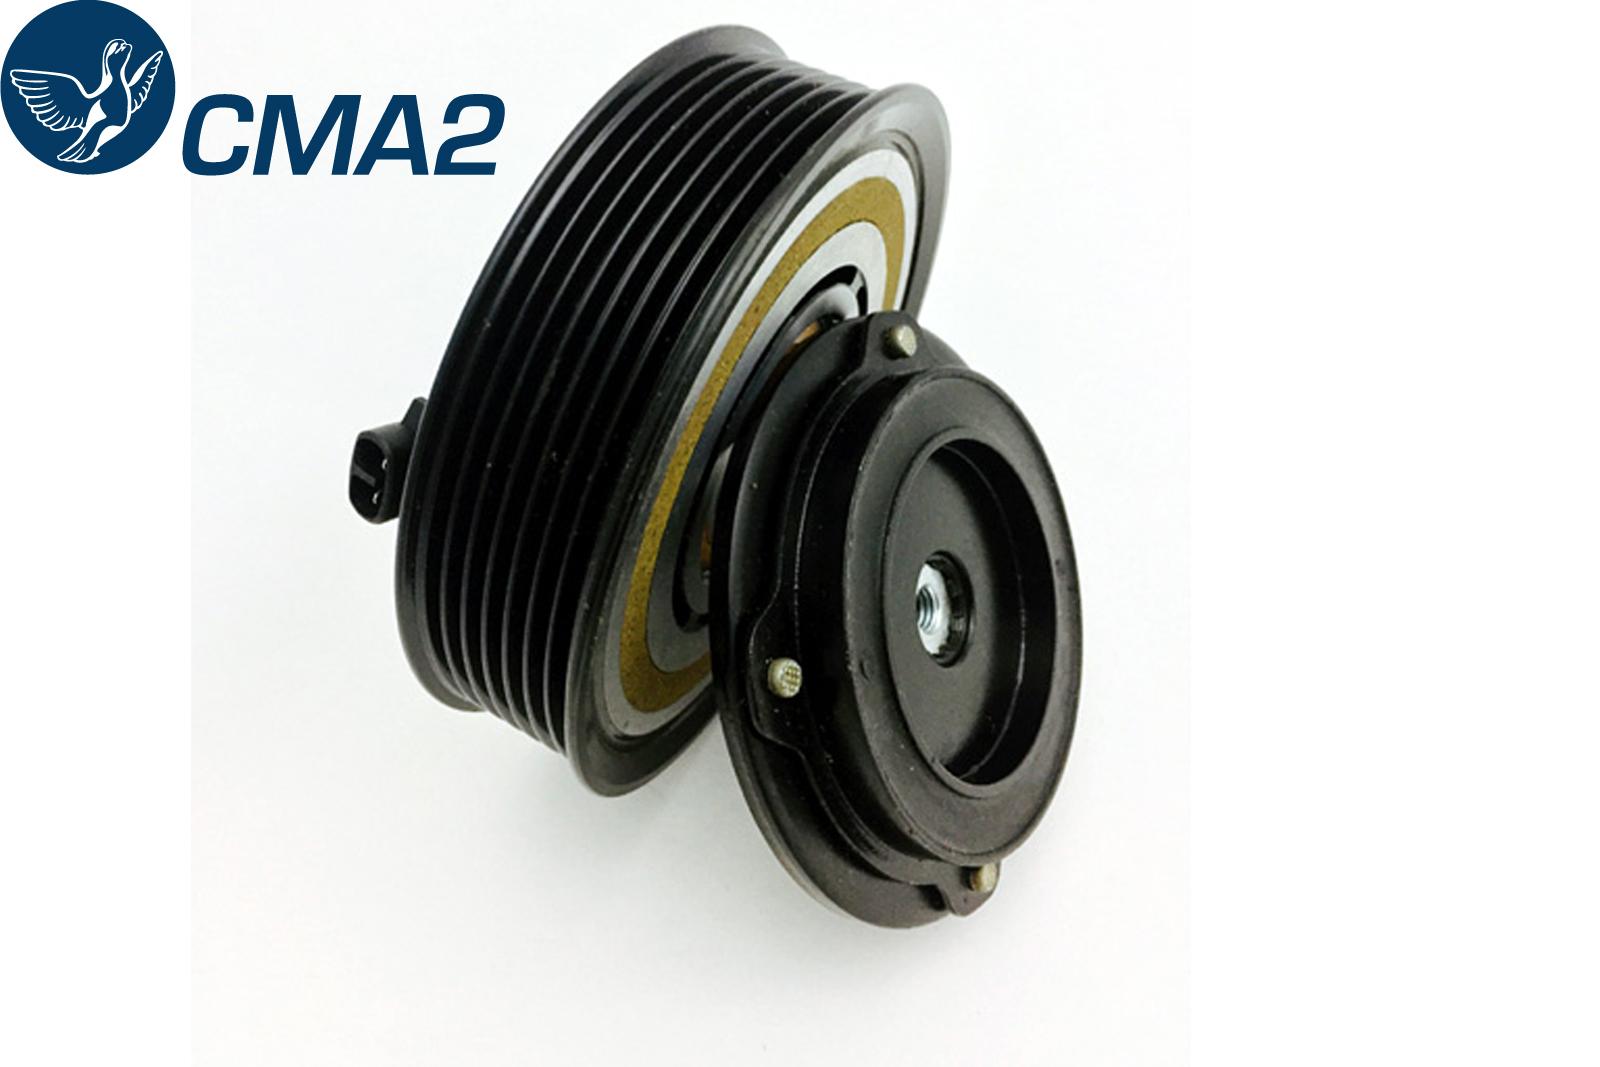 Муфта компрессора кондиционера Тойота Ленд Крузер 200, 88410-6A080, 884106A080.